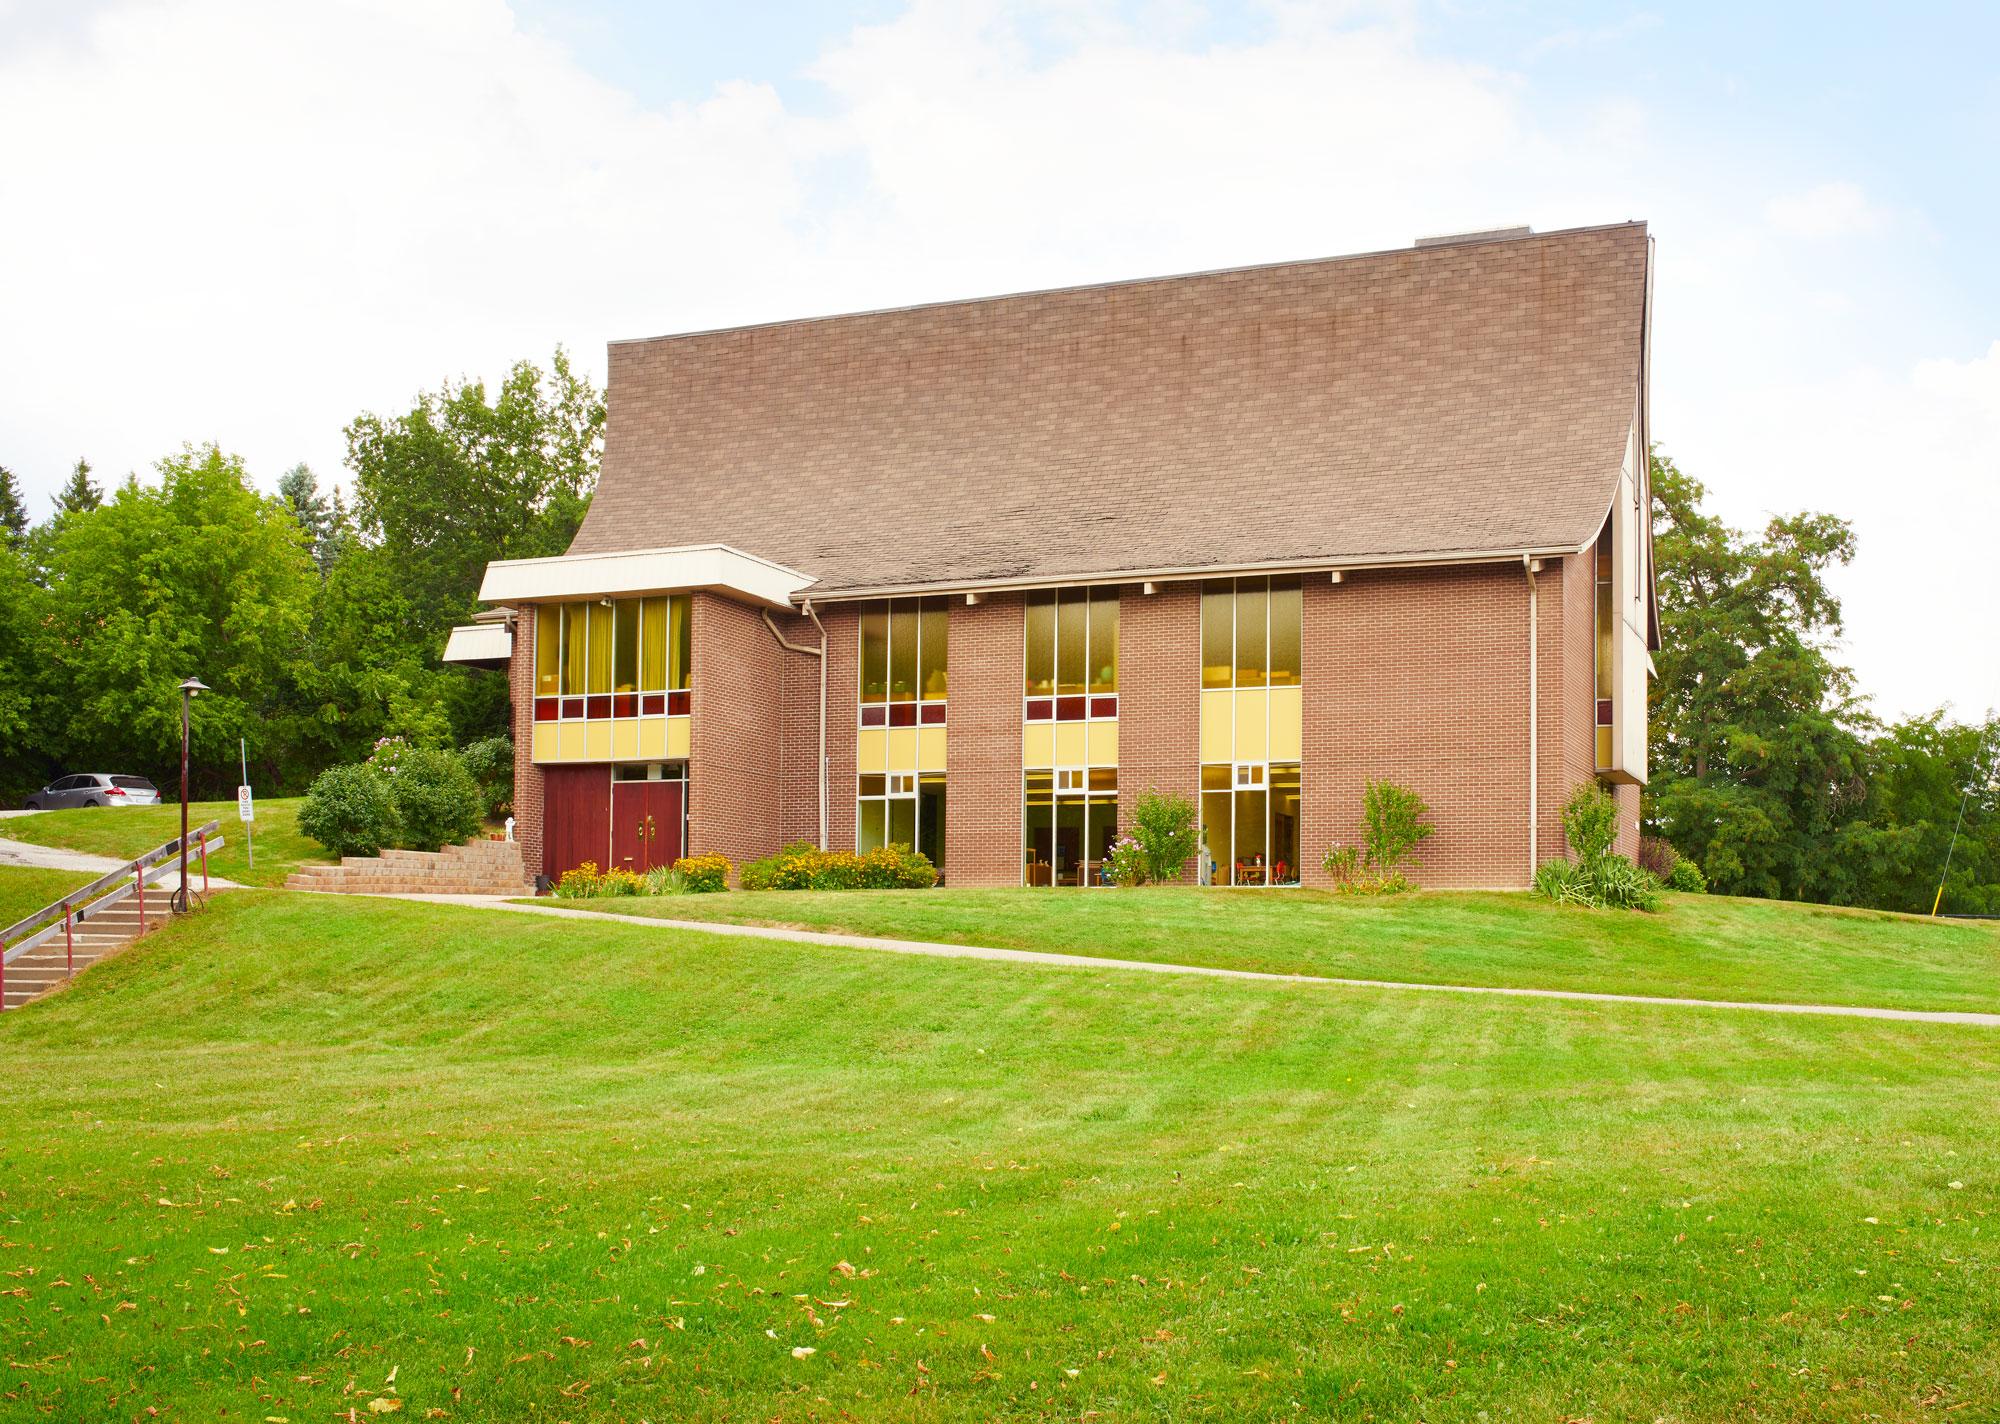 maple-leaf-montessori-campus-exterior-facilities